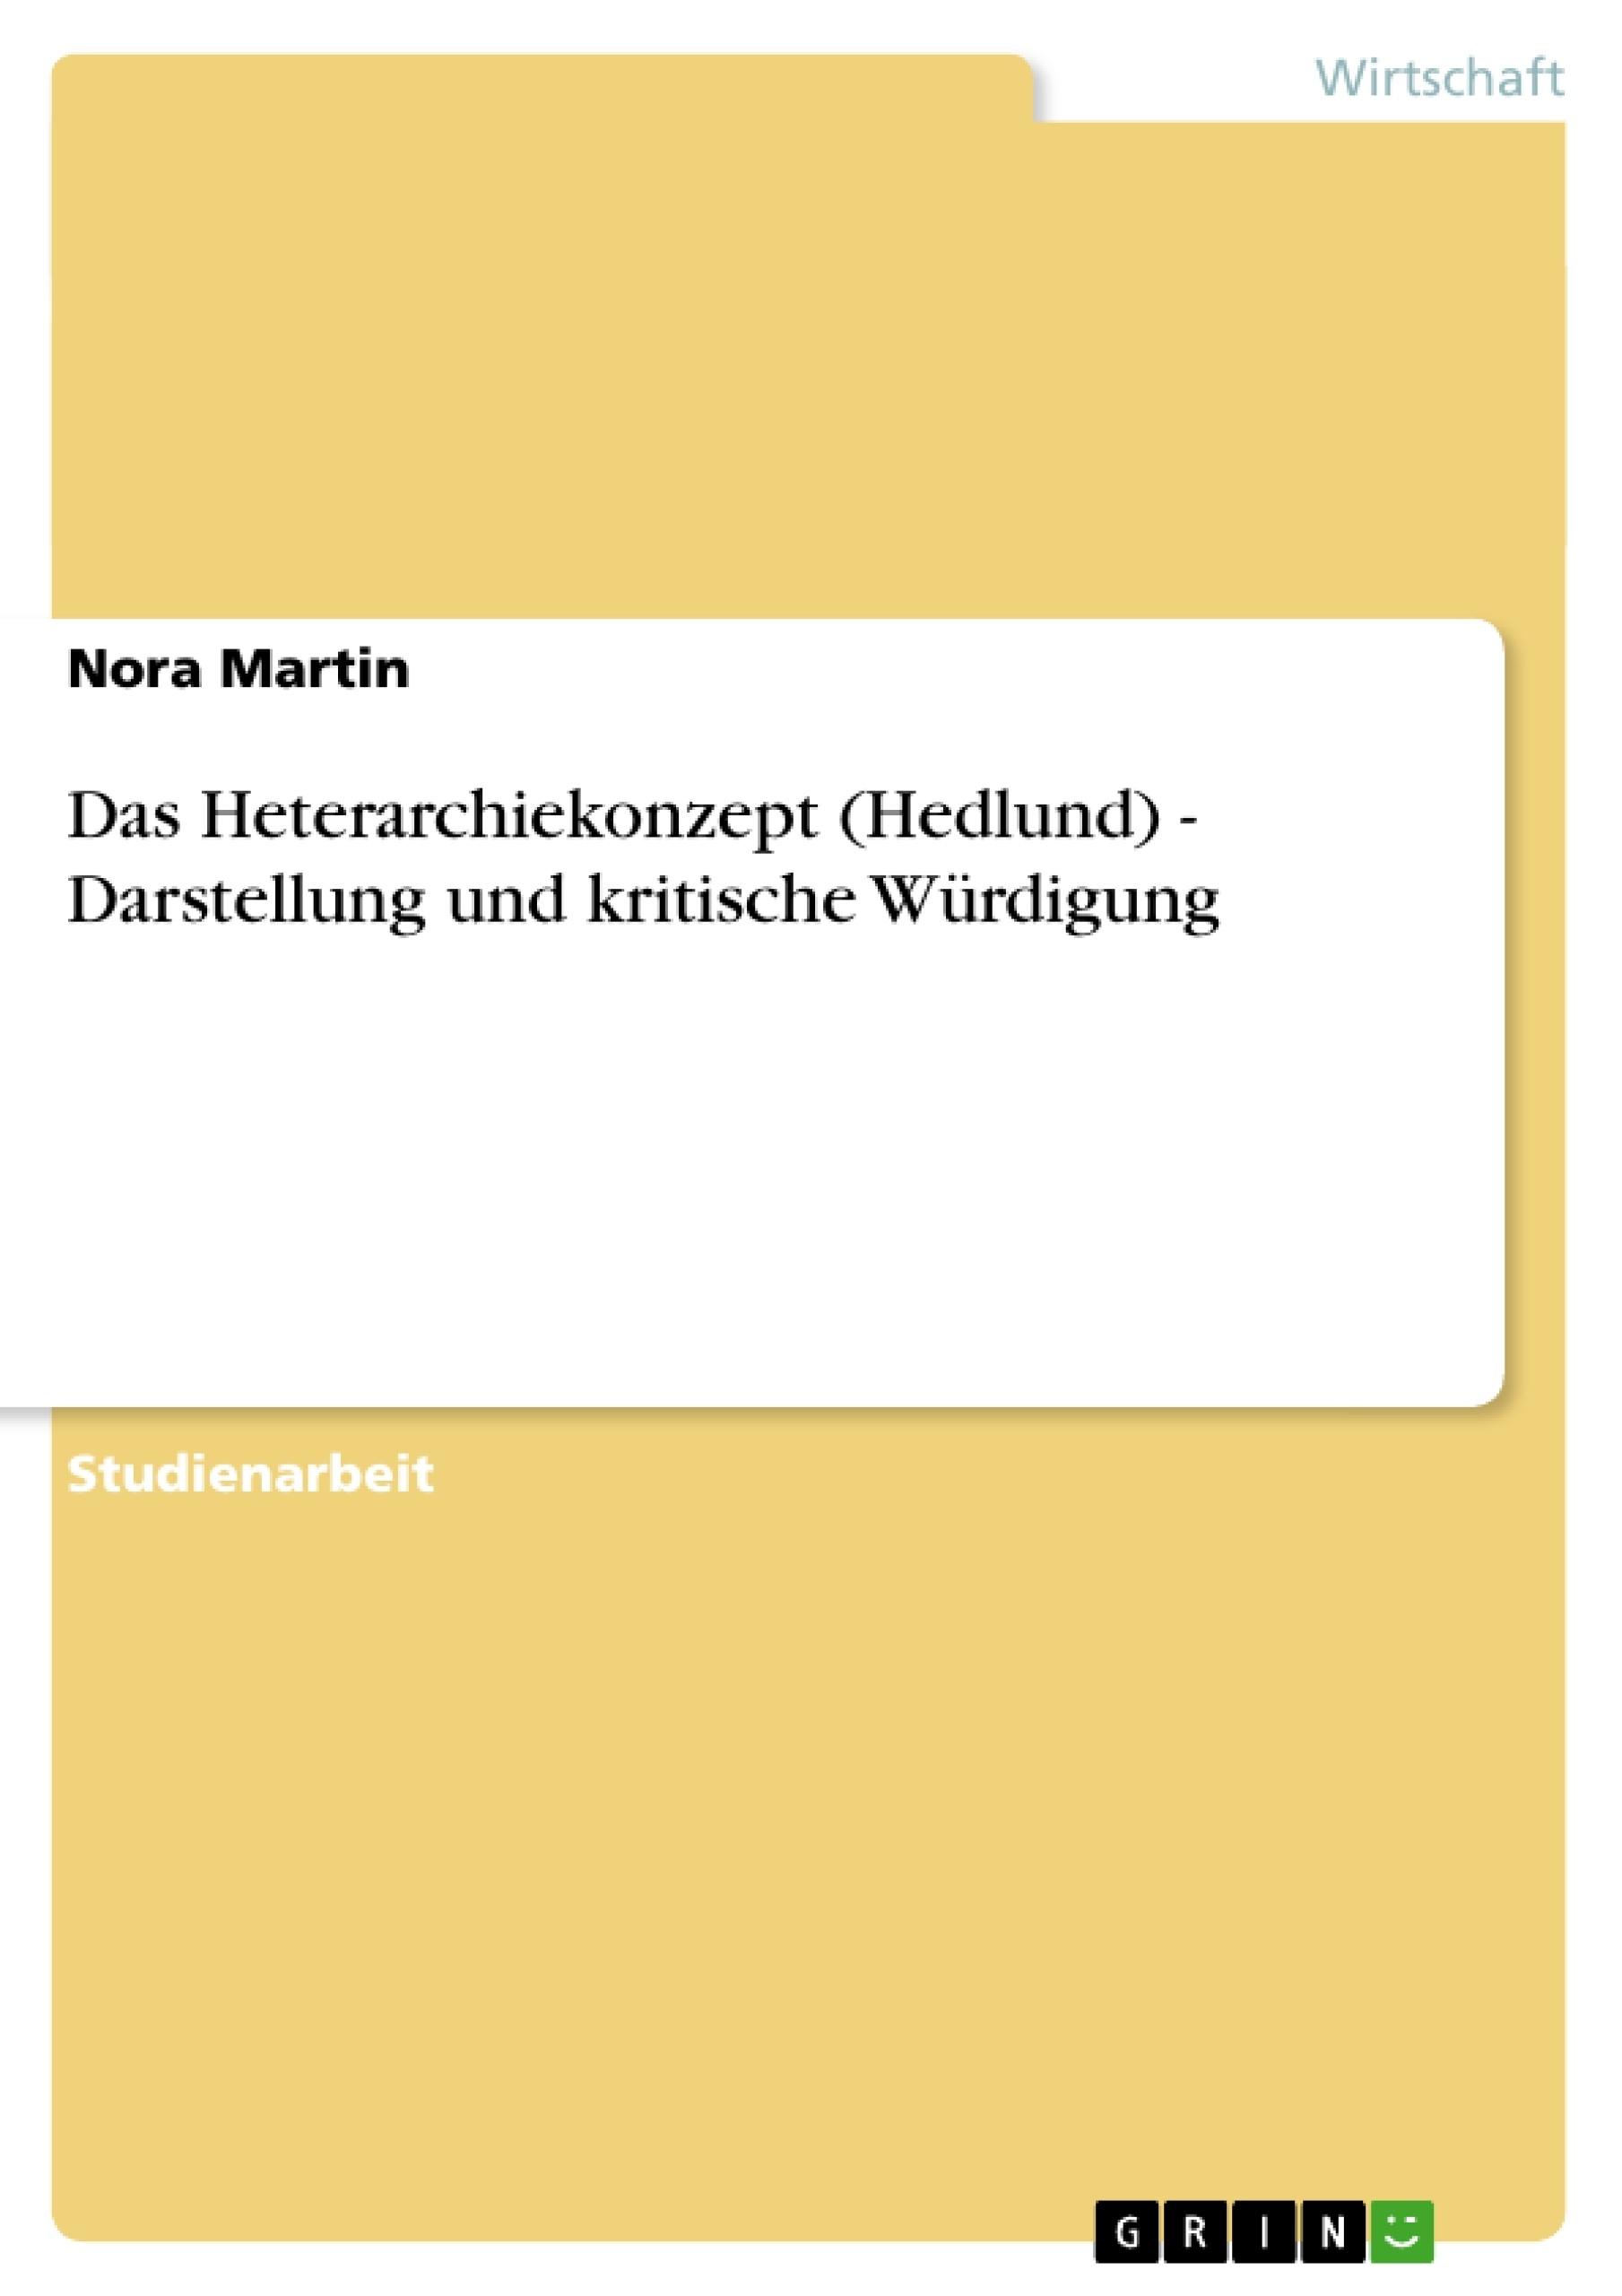 Titel: Das Heterarchiekonzept (Hedlund) - Darstellung und kritische Würdigung